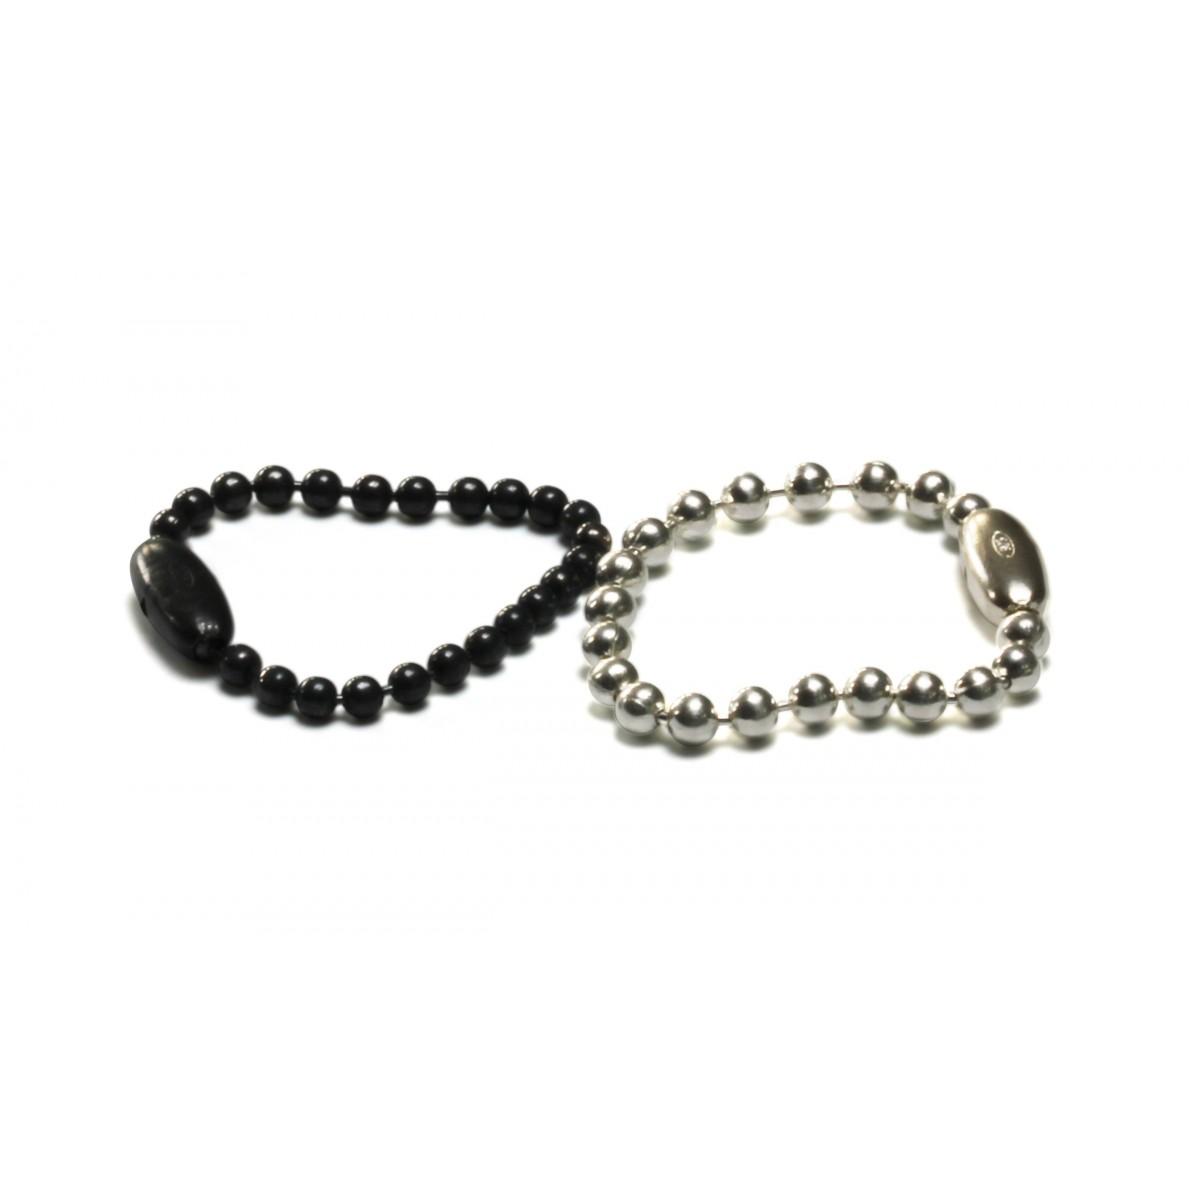 Kugelketten Ring fein in Silber oder Silber geschwärzt